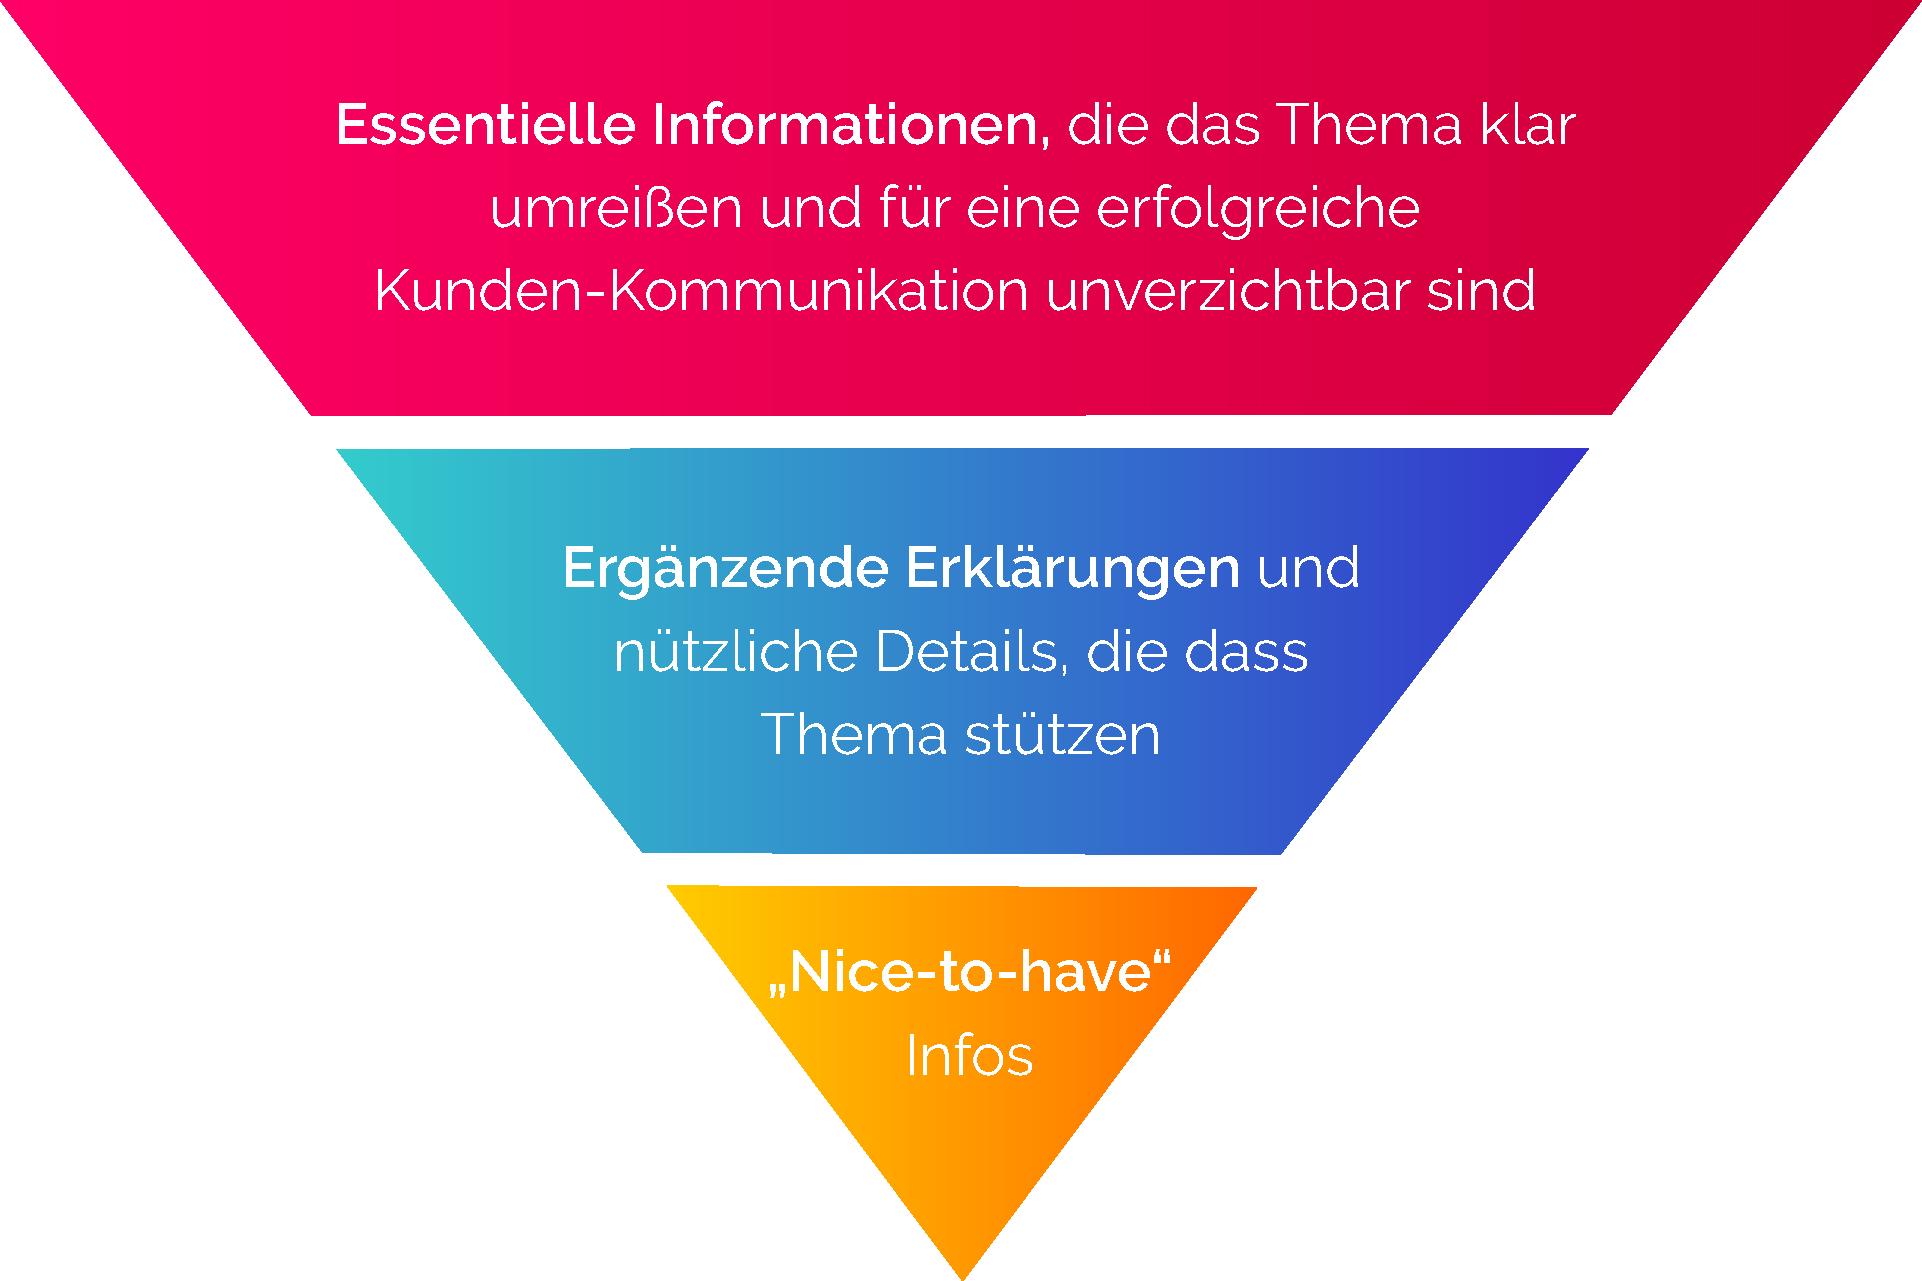 Umgekehrte Pyramide_Informationshierarchie